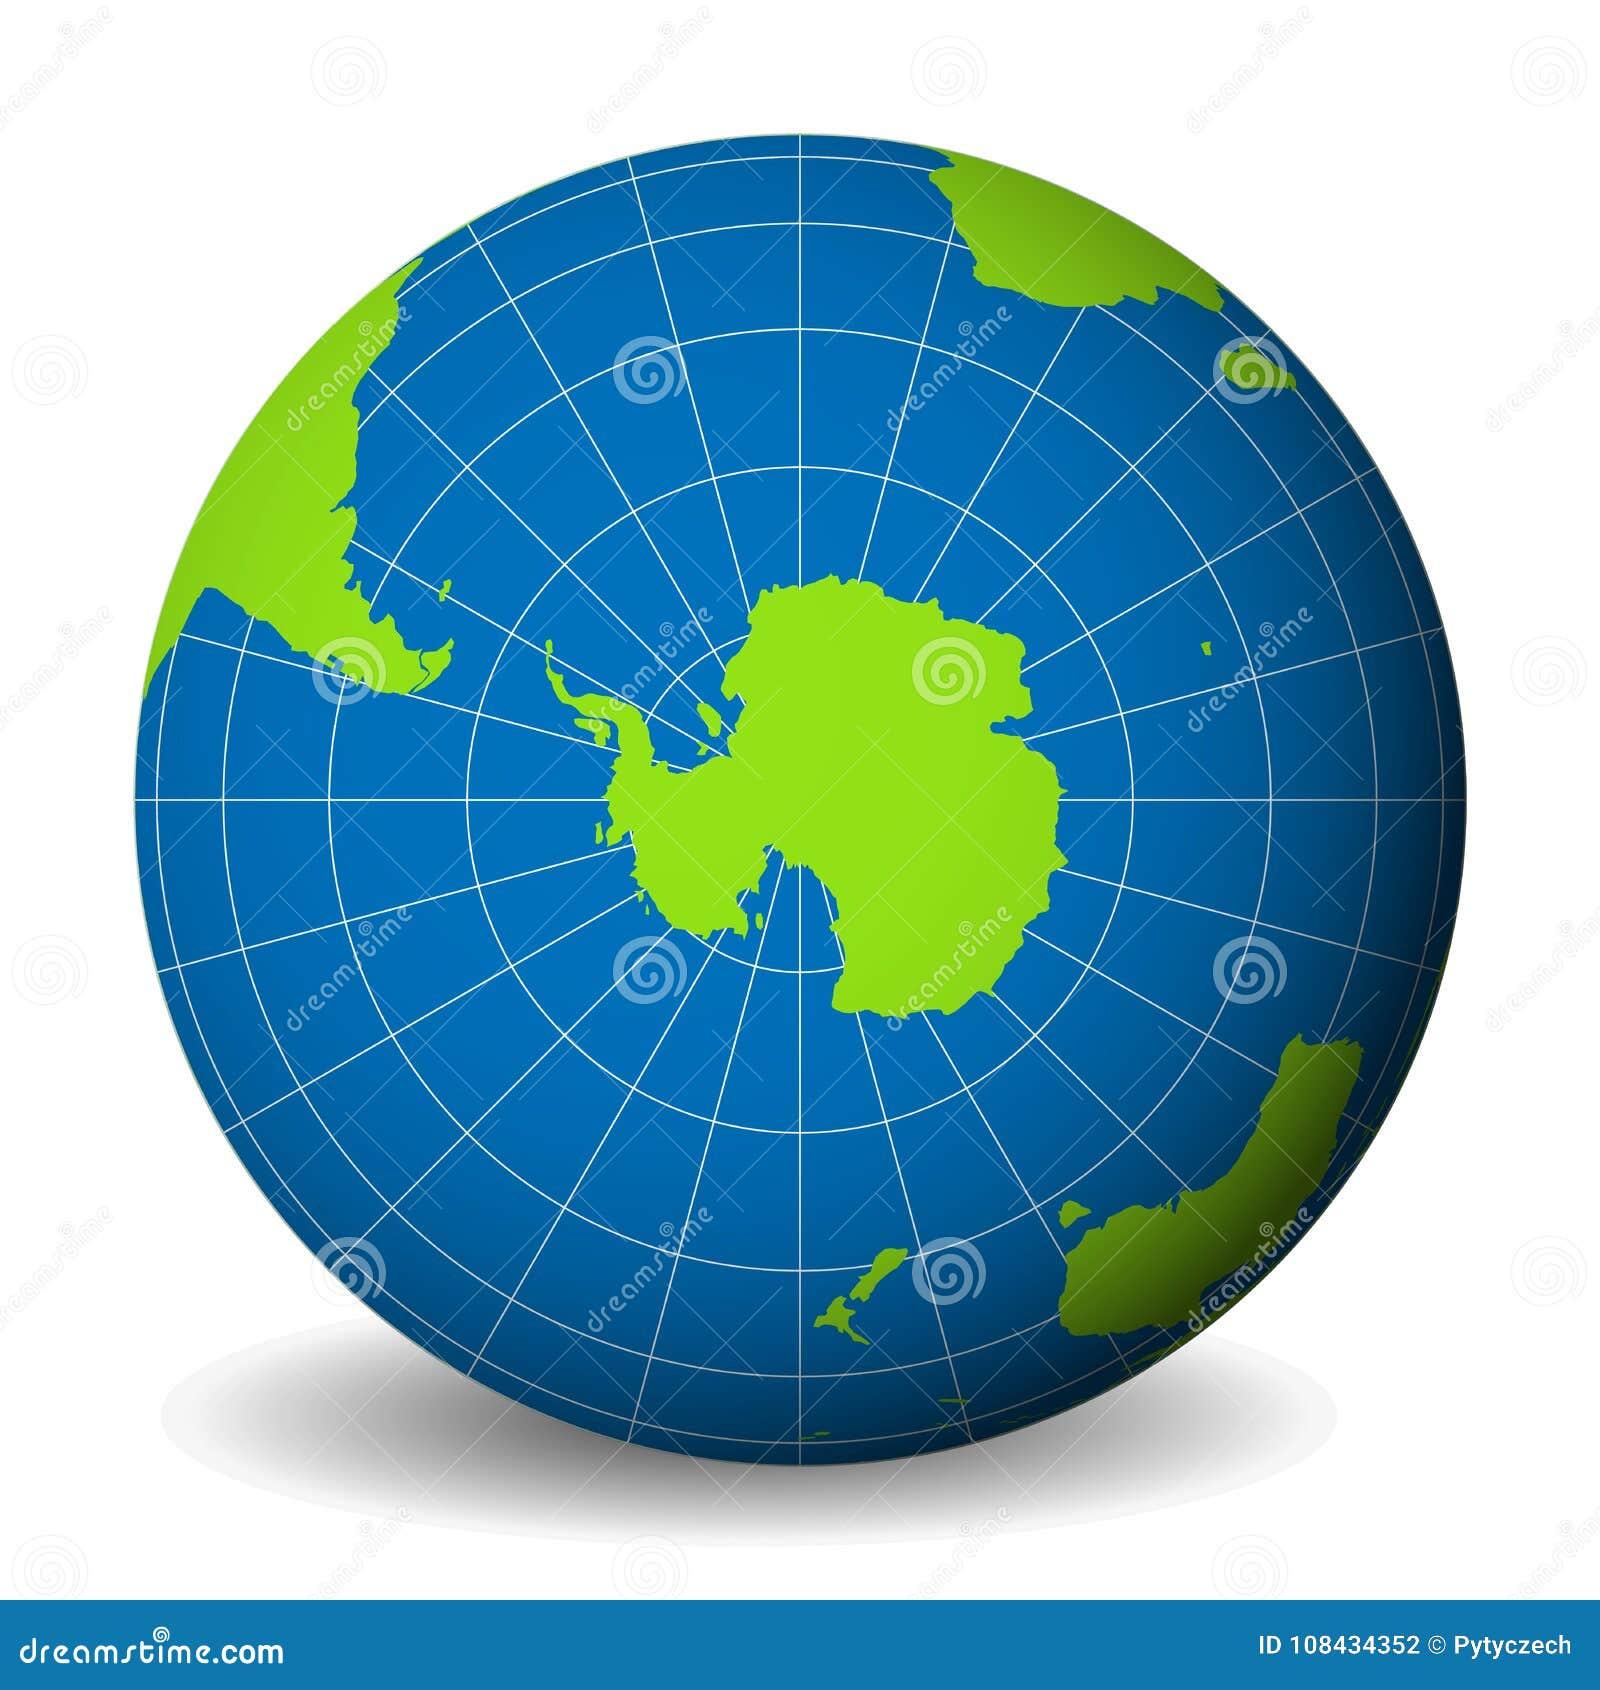 Enterre o globo com mapa do mundo verde e os mares e os oceanos azuis focalizados na Antártica com polo sul Com branco fino